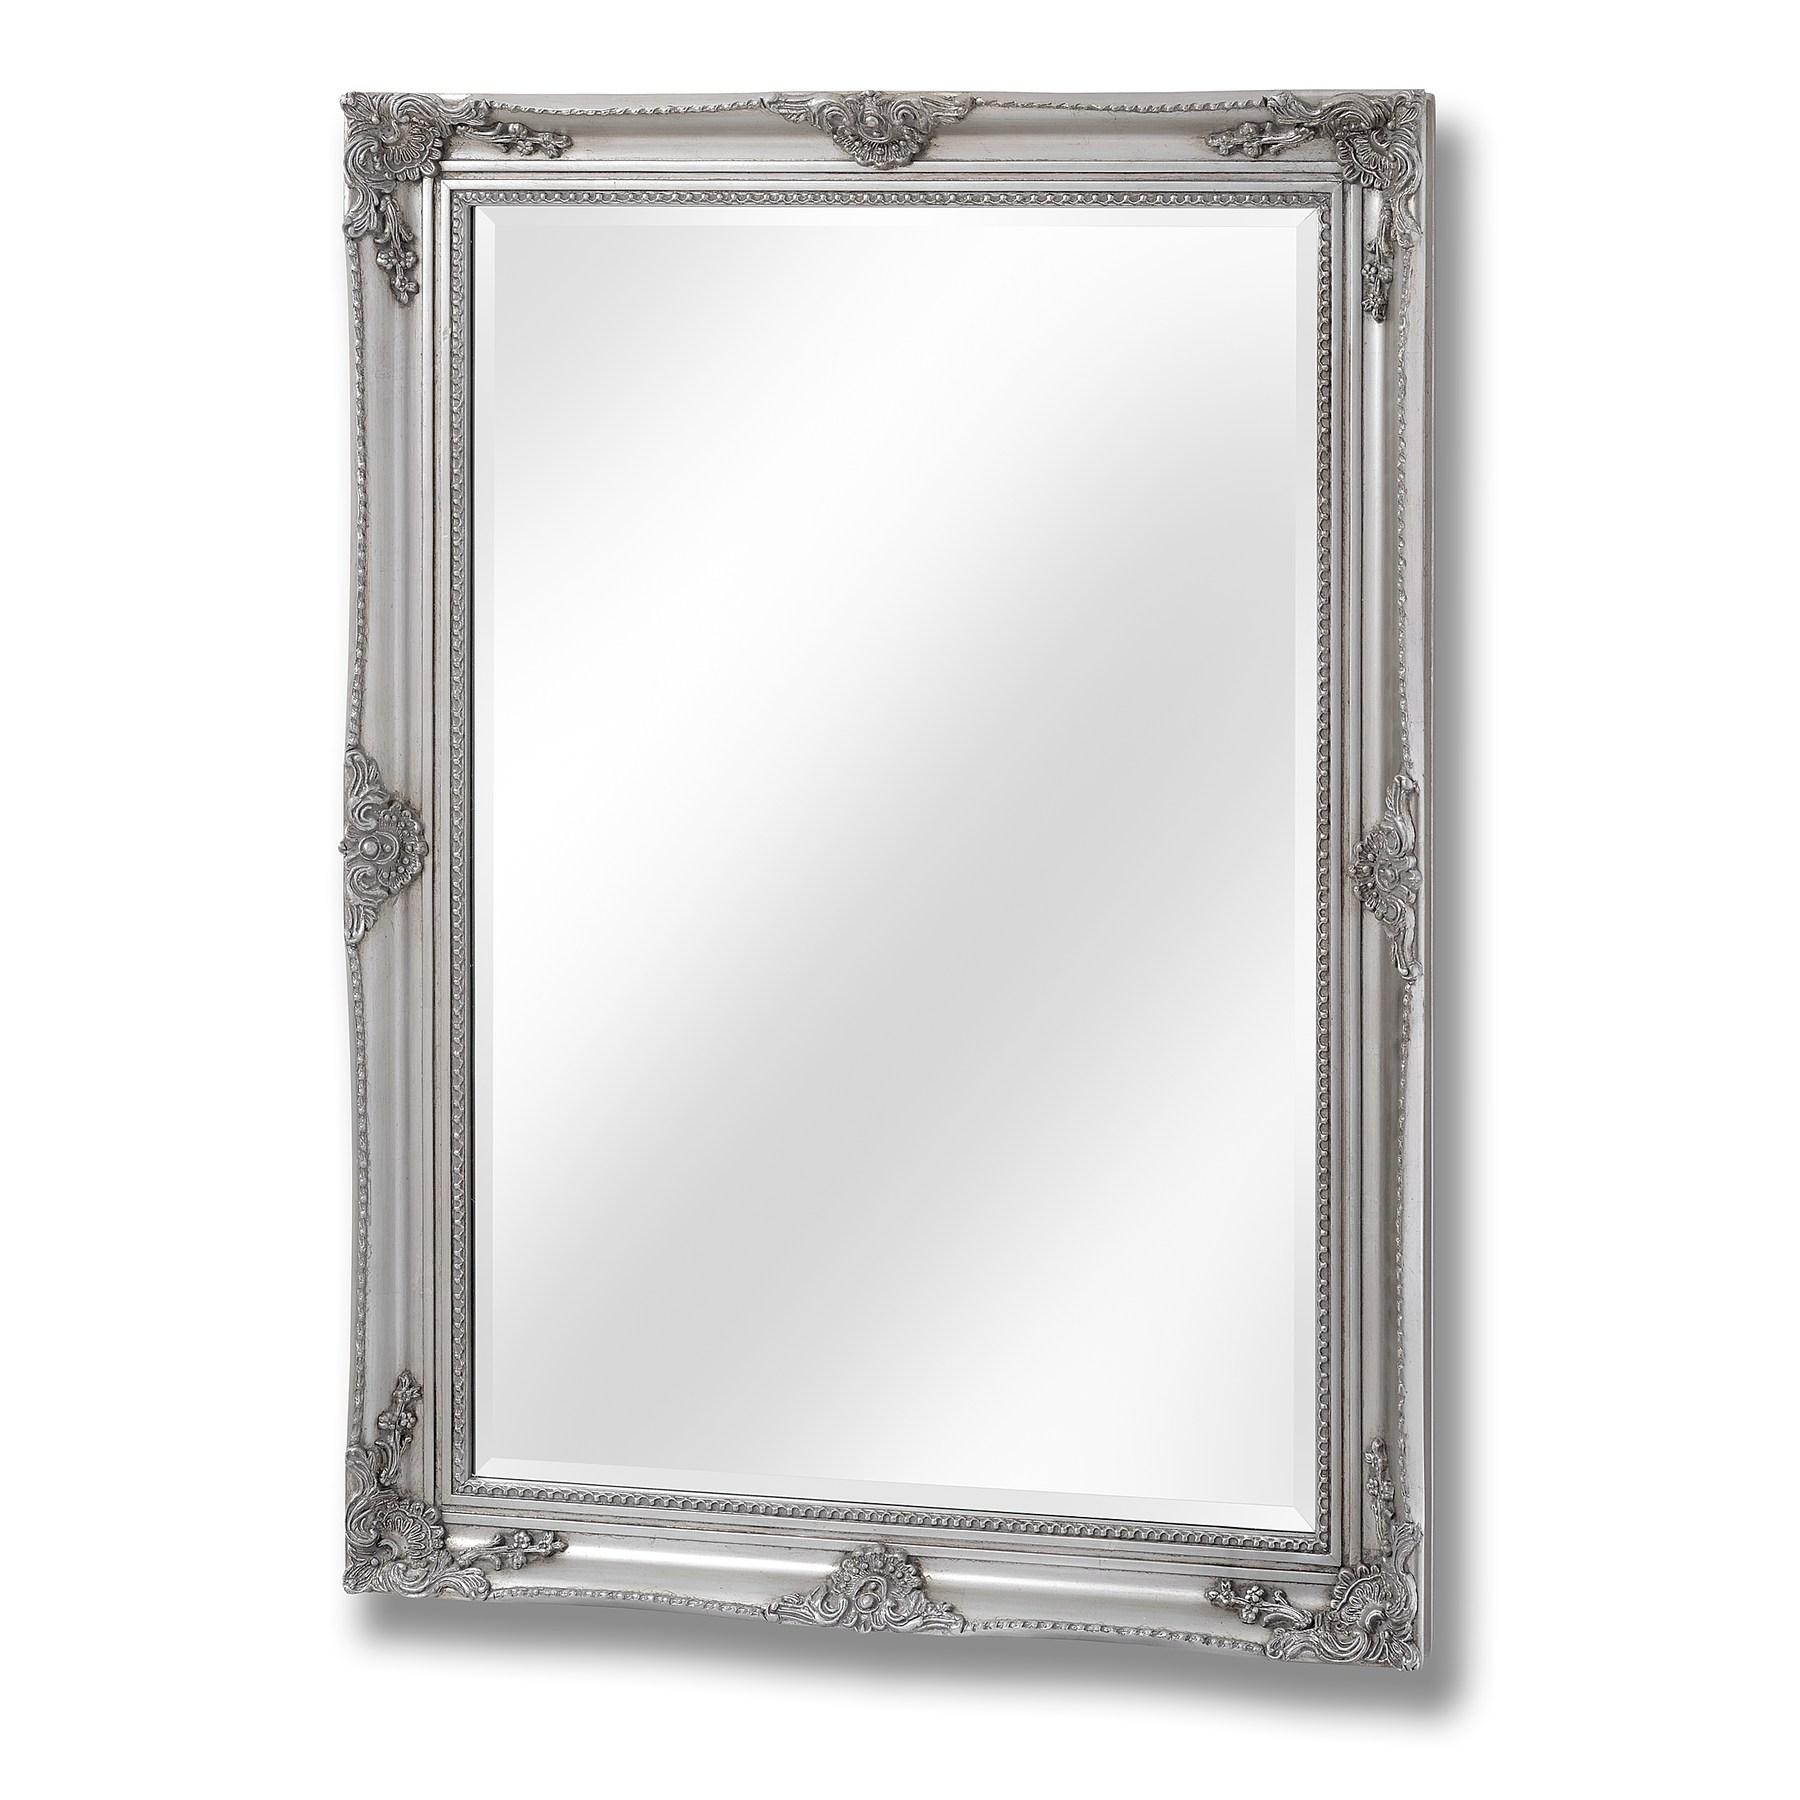 Antique Silver Baroque Style Mirror